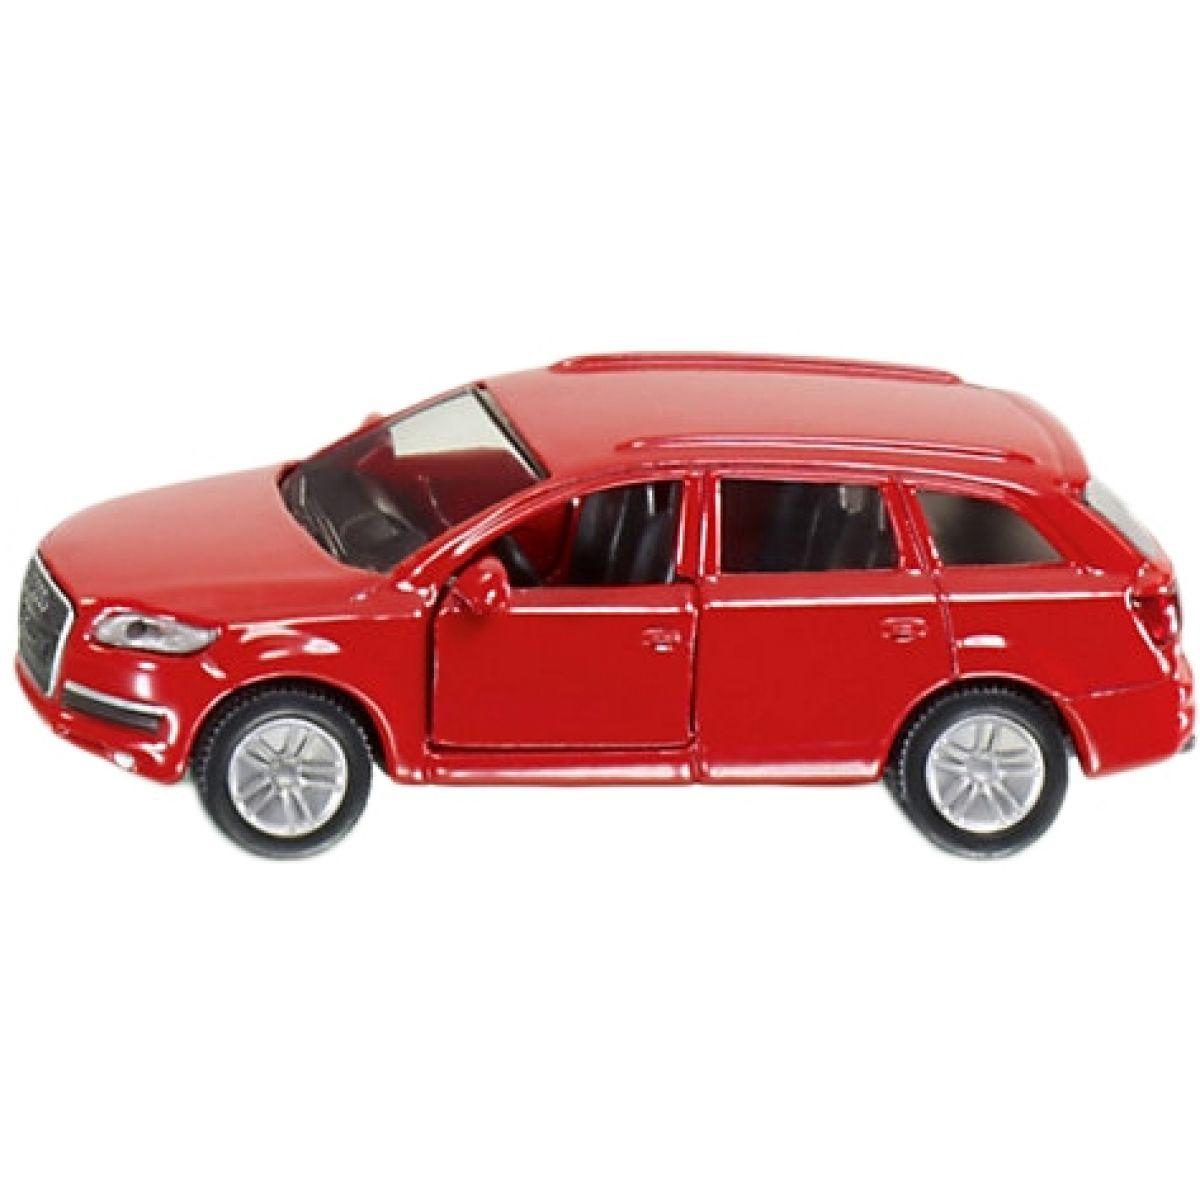 Siku 1429 Autíčko Audi Q7 - Červená